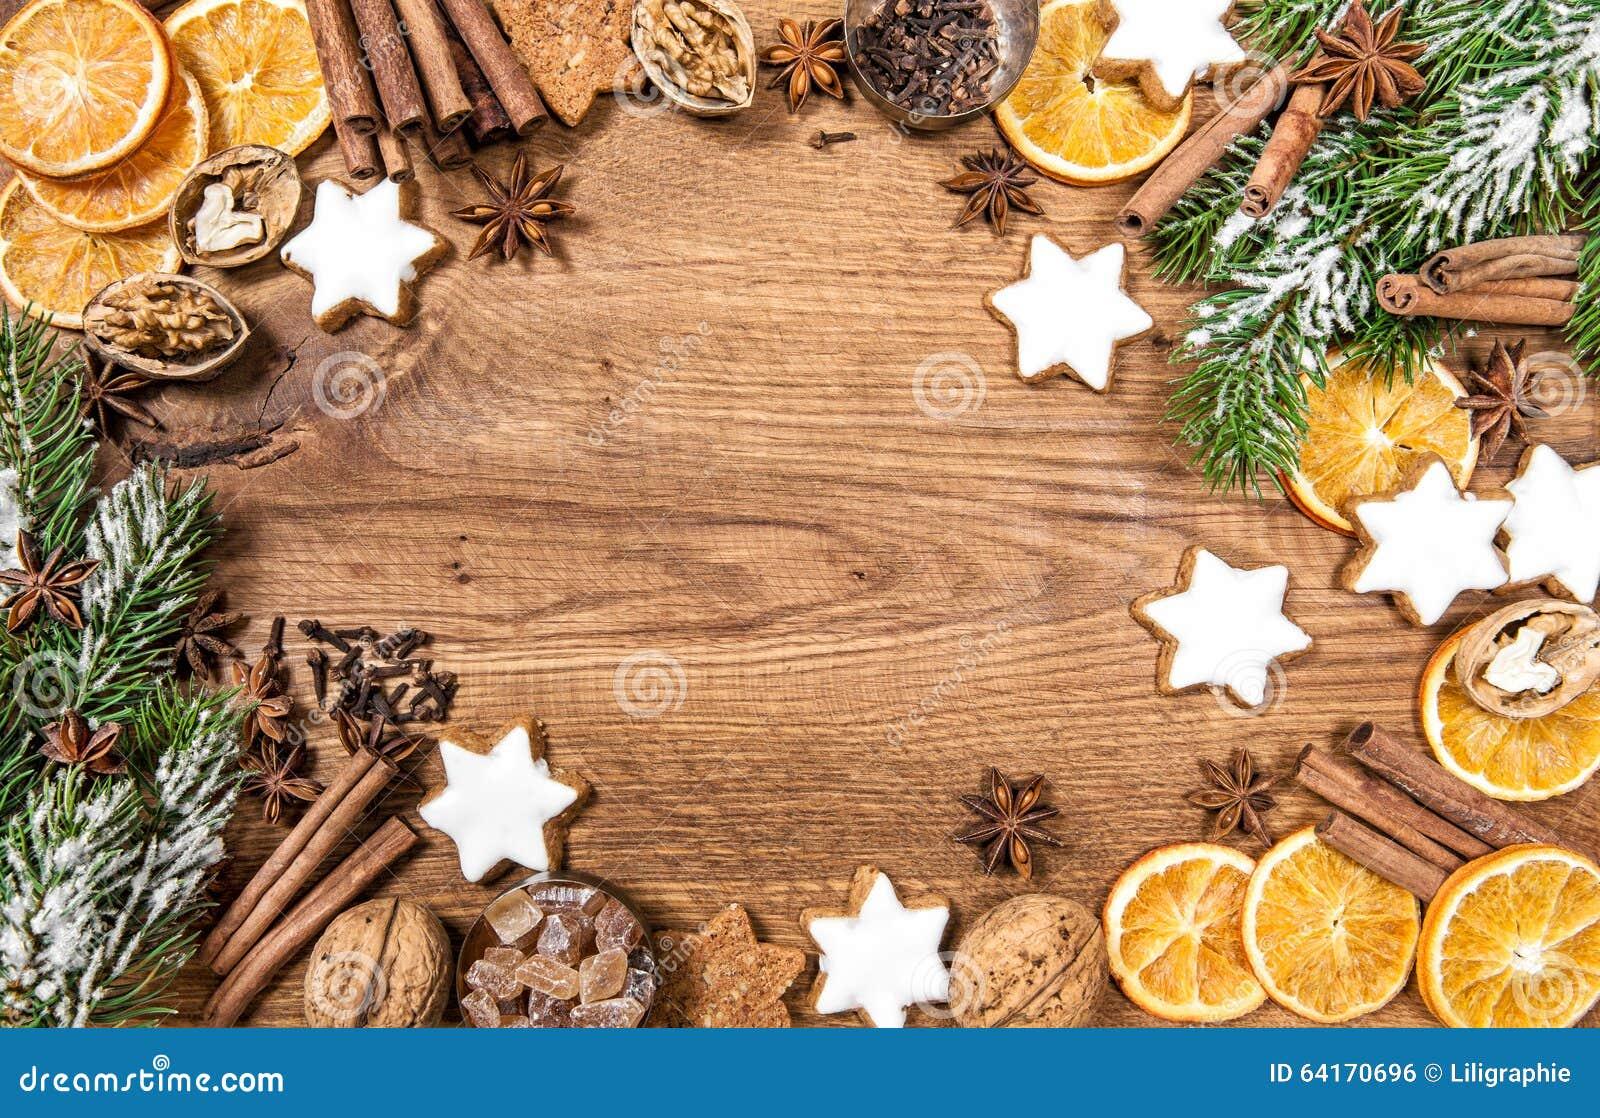 Μπισκότα και καρυκεύματα Χριστουγέννων Συστατικά τροφίμων διακοπών